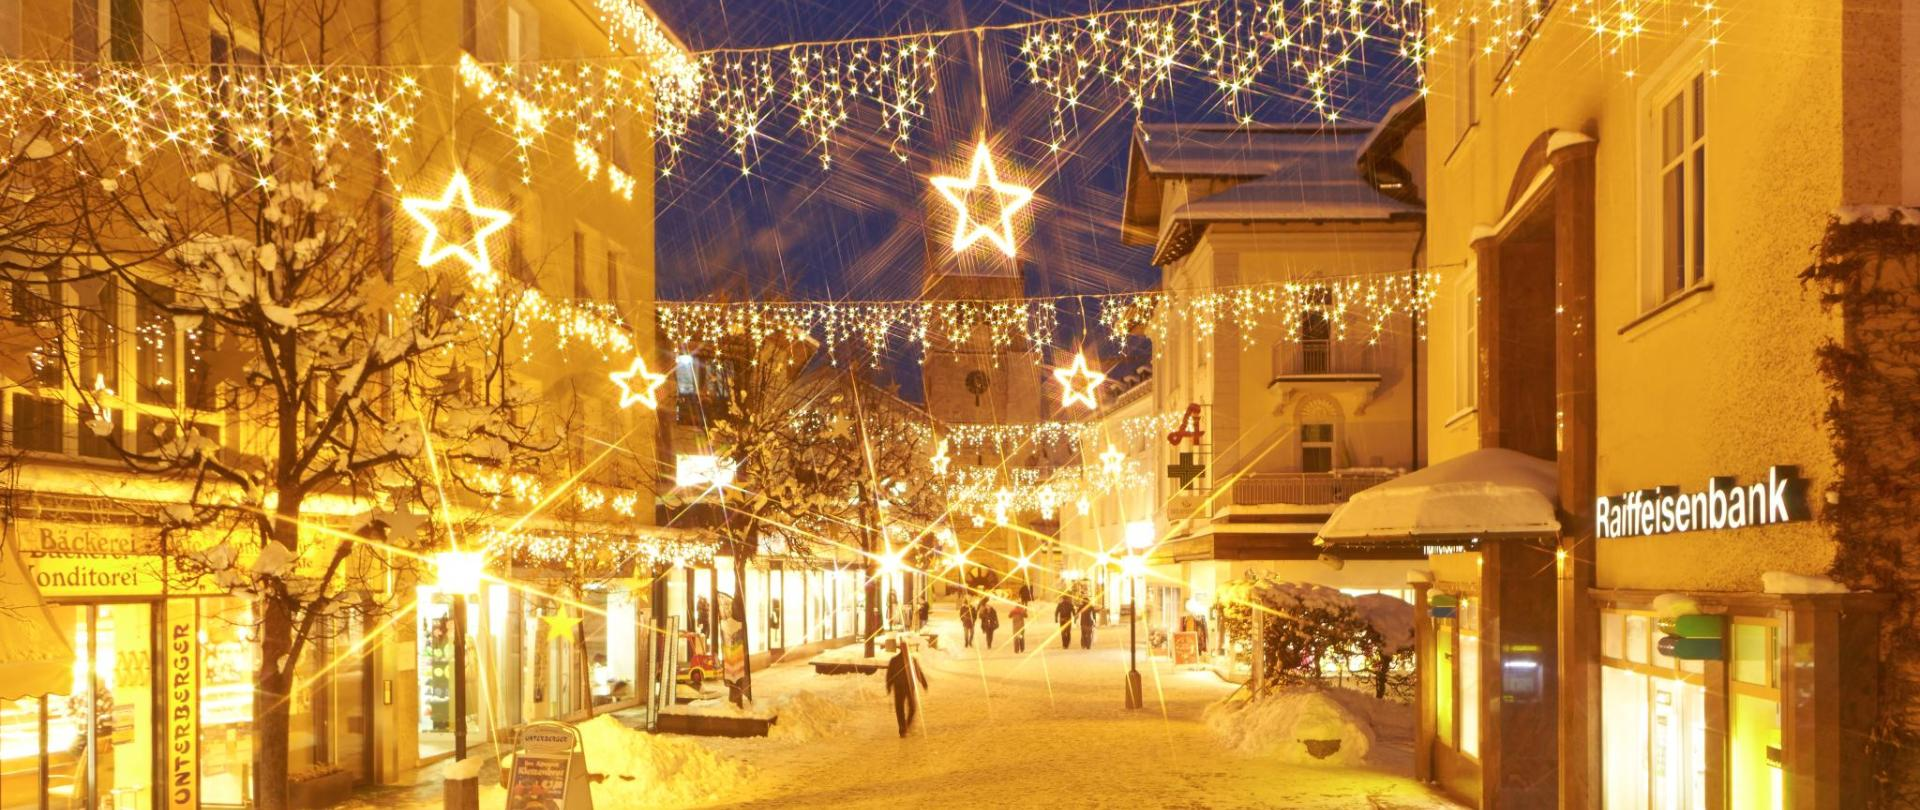 2012-2013-weihnachtsmarkt-Niki-faistauer-46.jpg